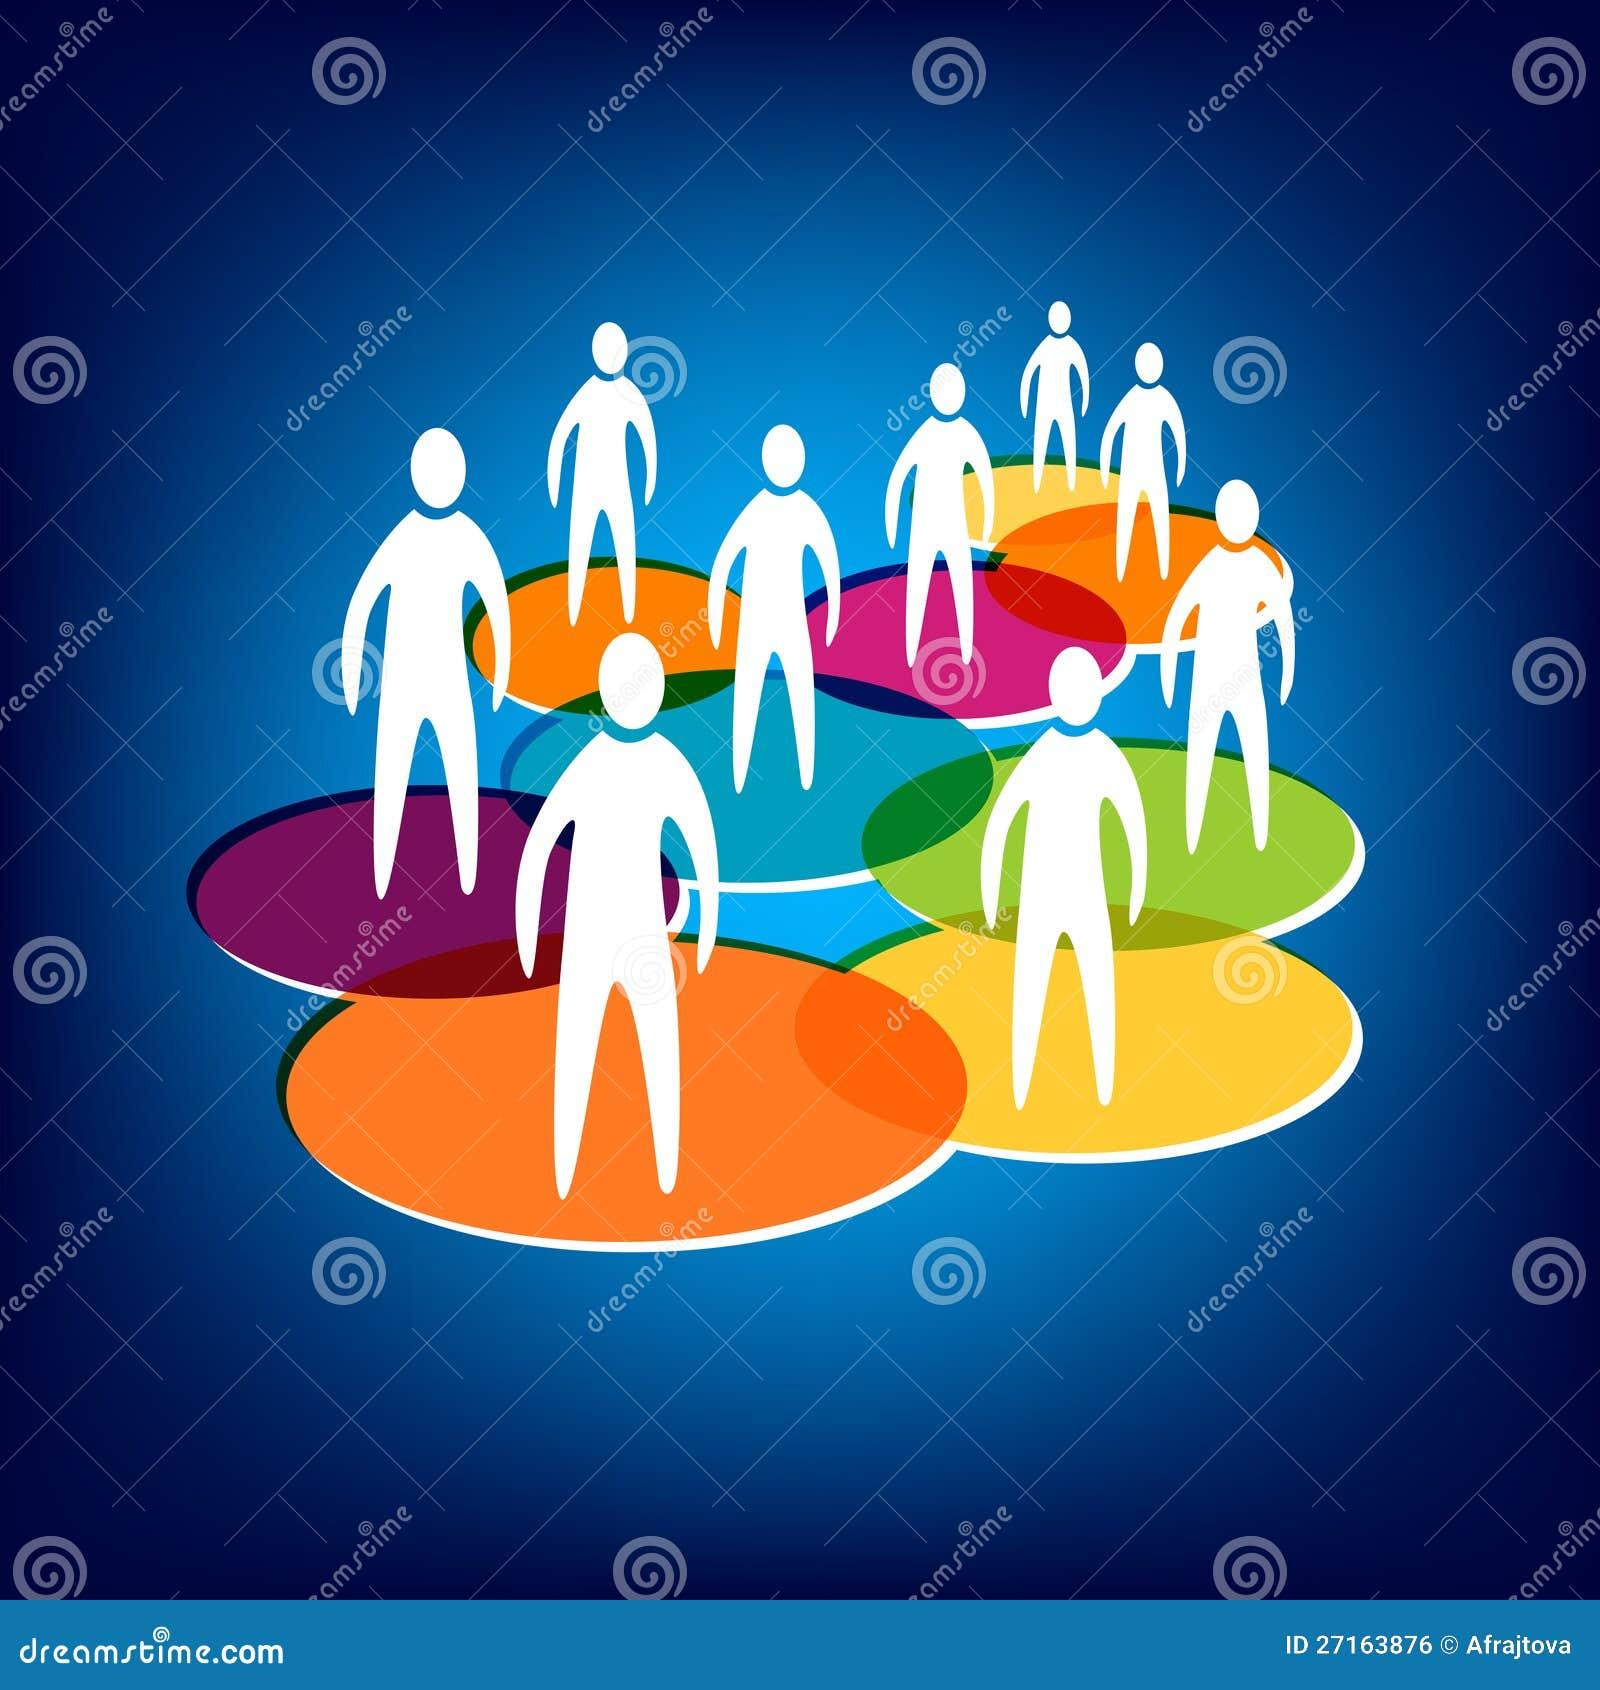 Sozialmedia und Vernetzung